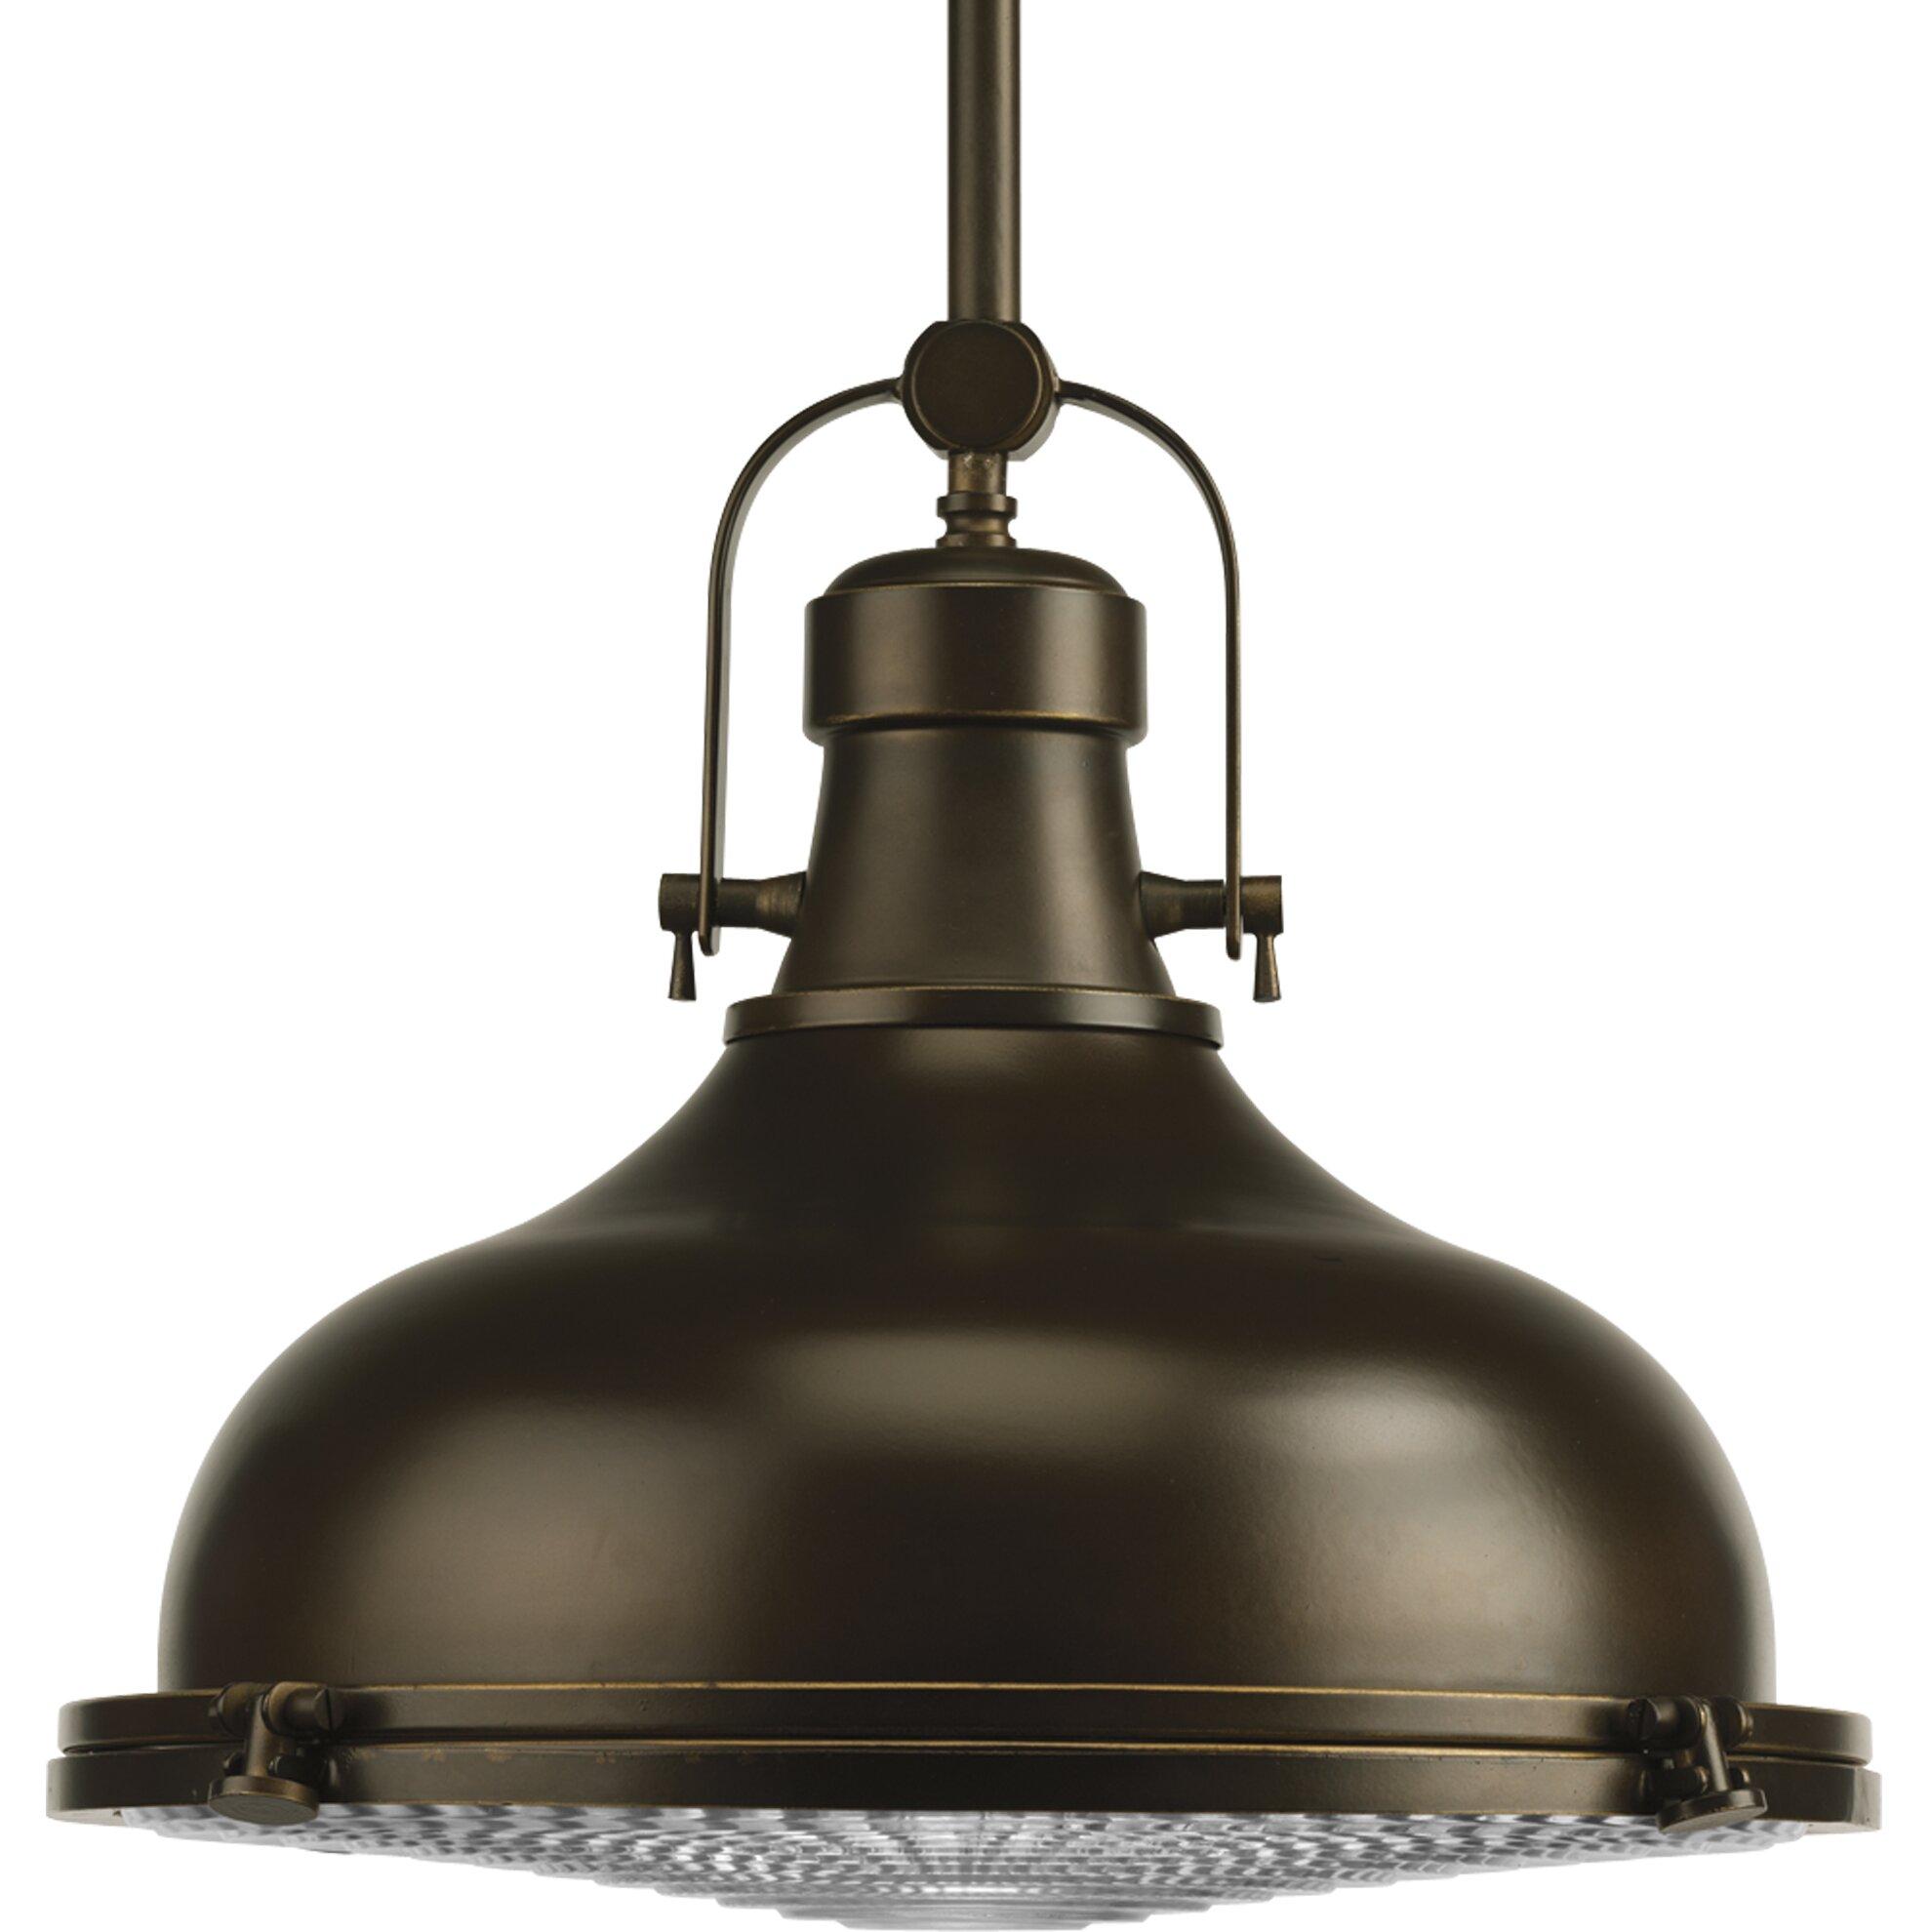 Progress lighting fresnel lens 1 light pendant reviews for Wayfair industrial lamp